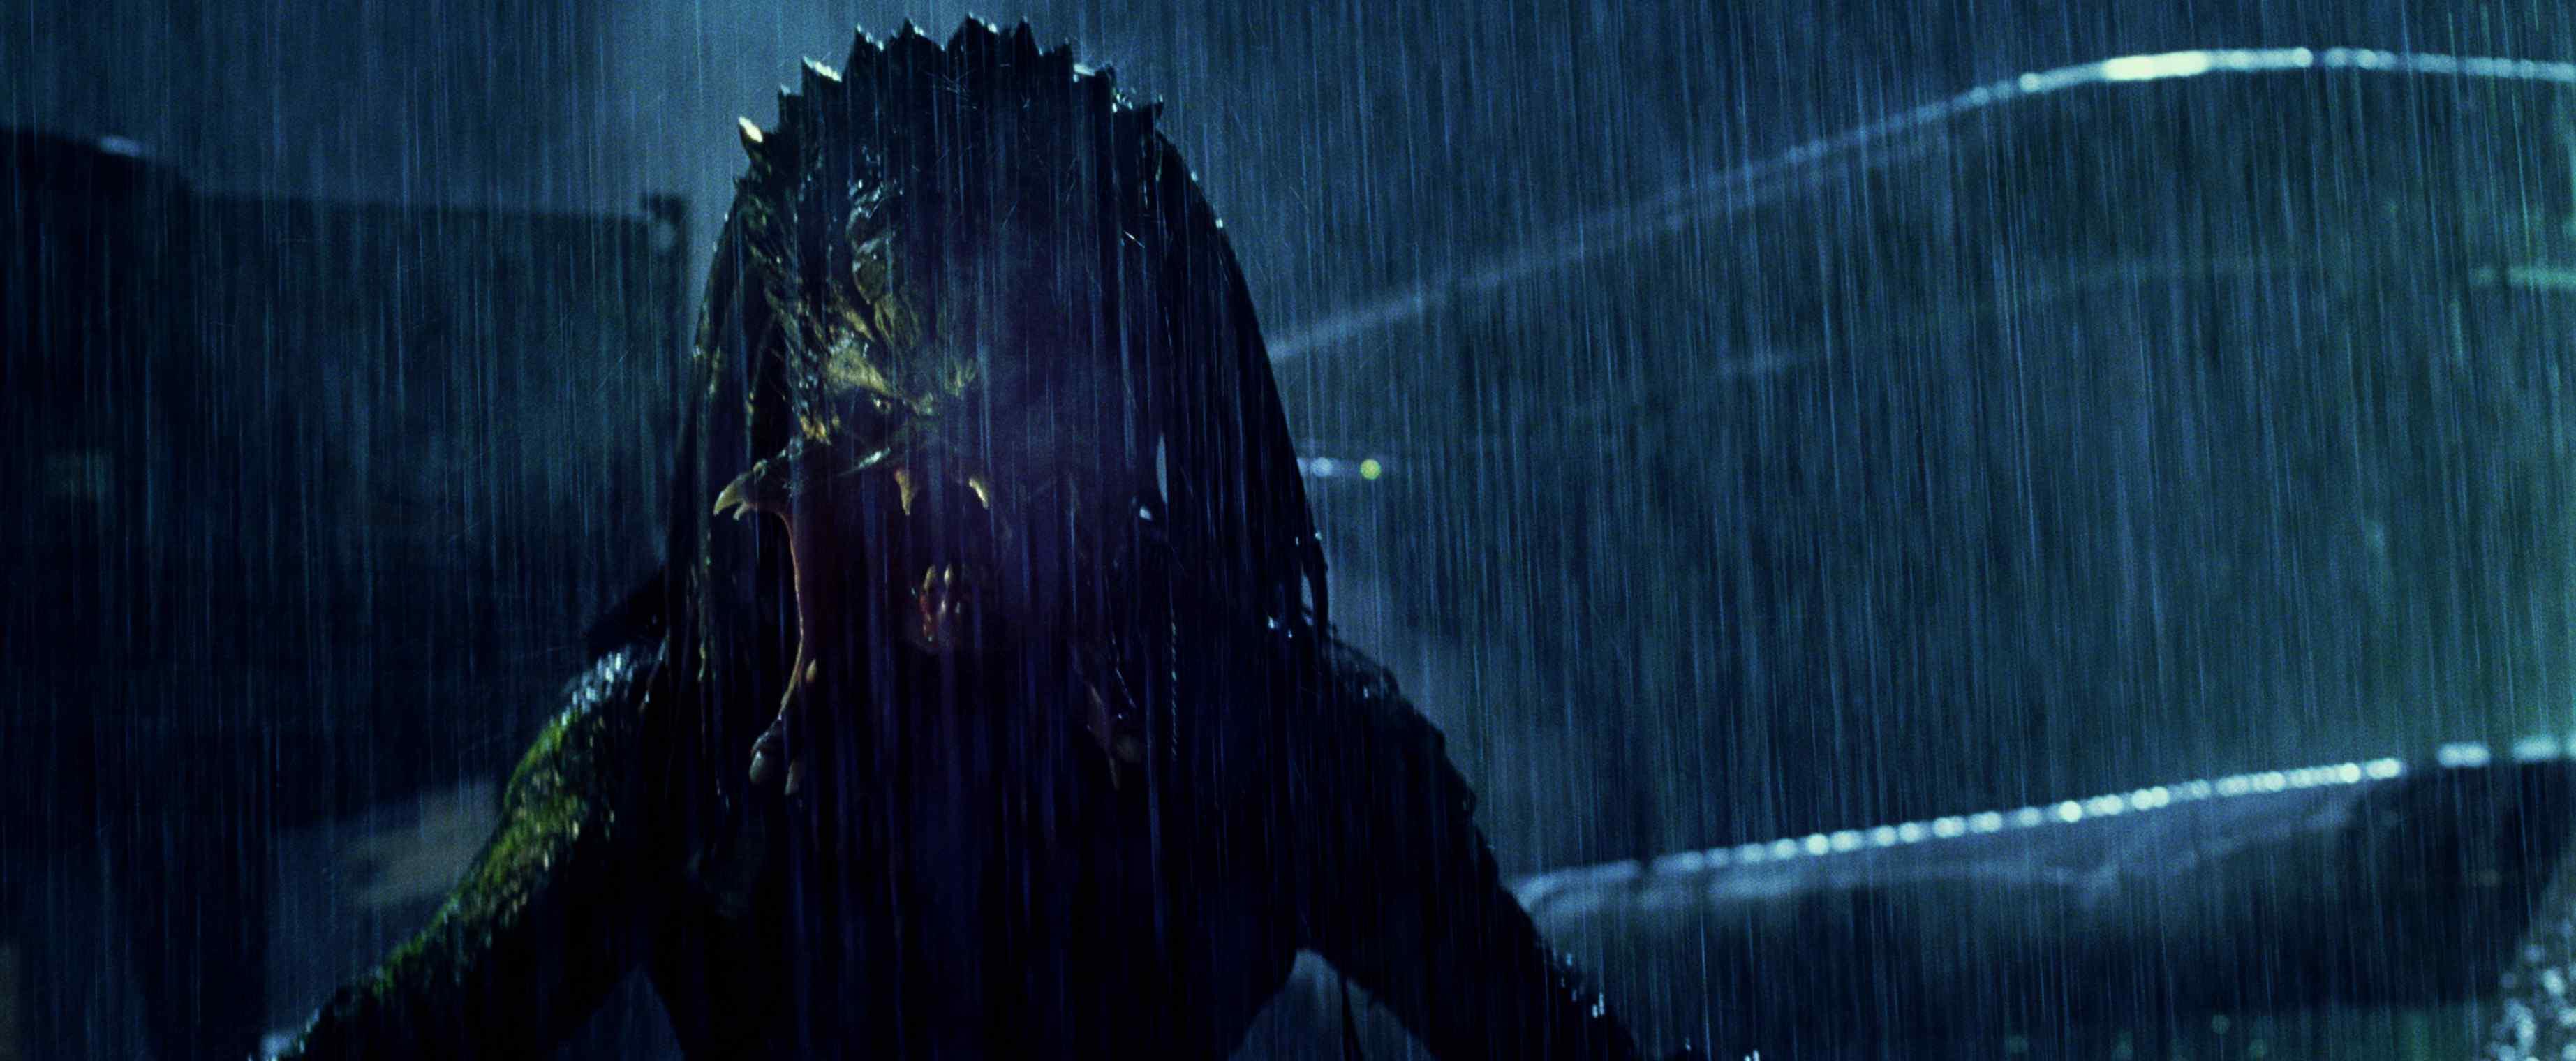 alien vs predator 1 movie - photo #49